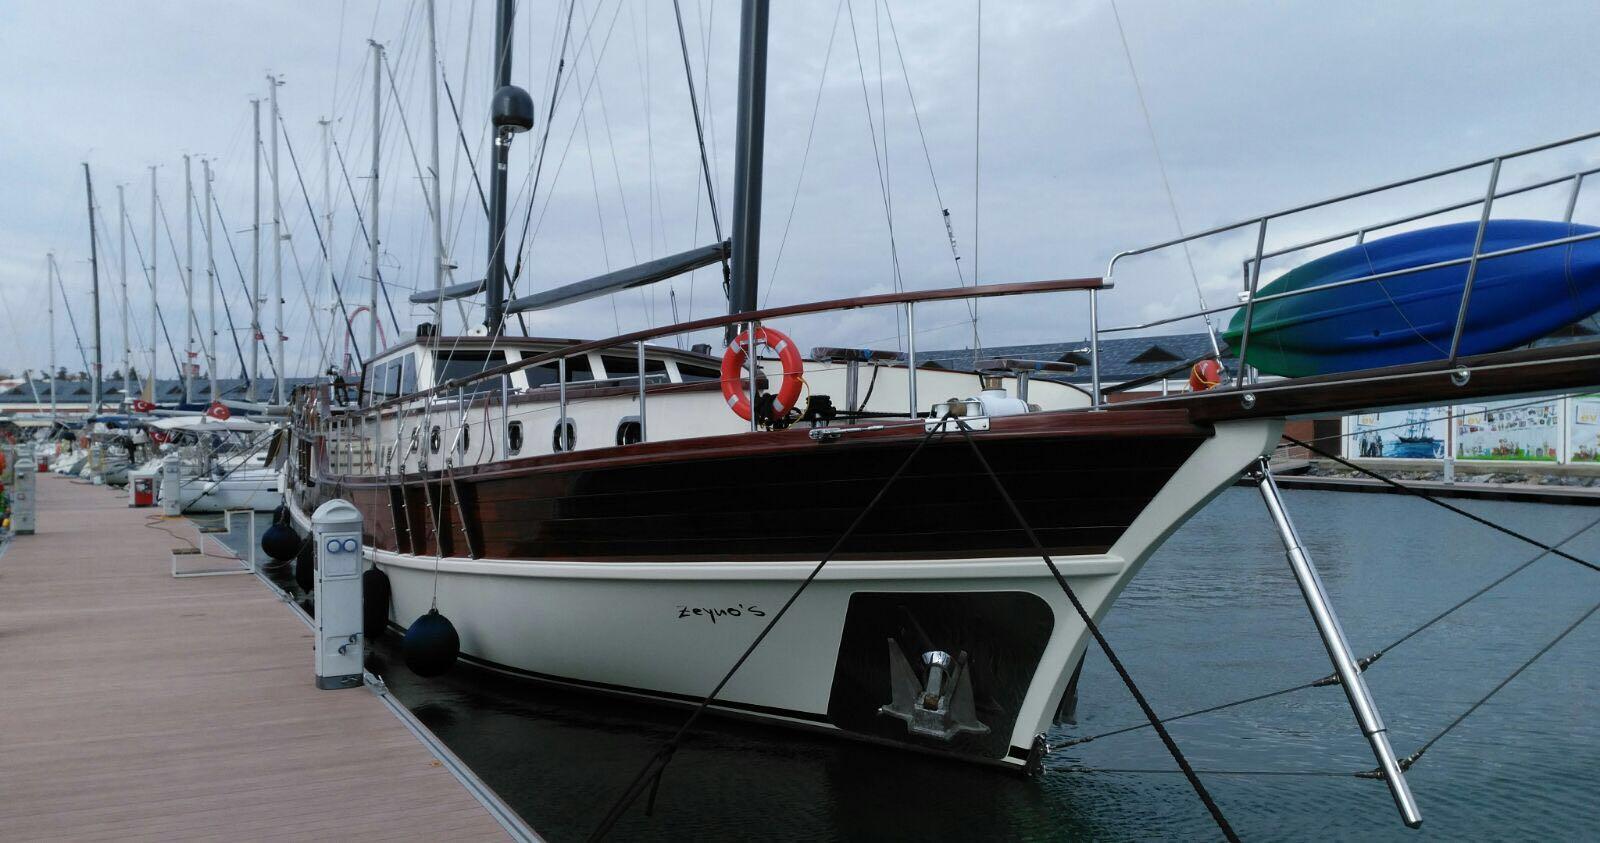 Zeyno's, 24 m, 2015 model, 5 cabin